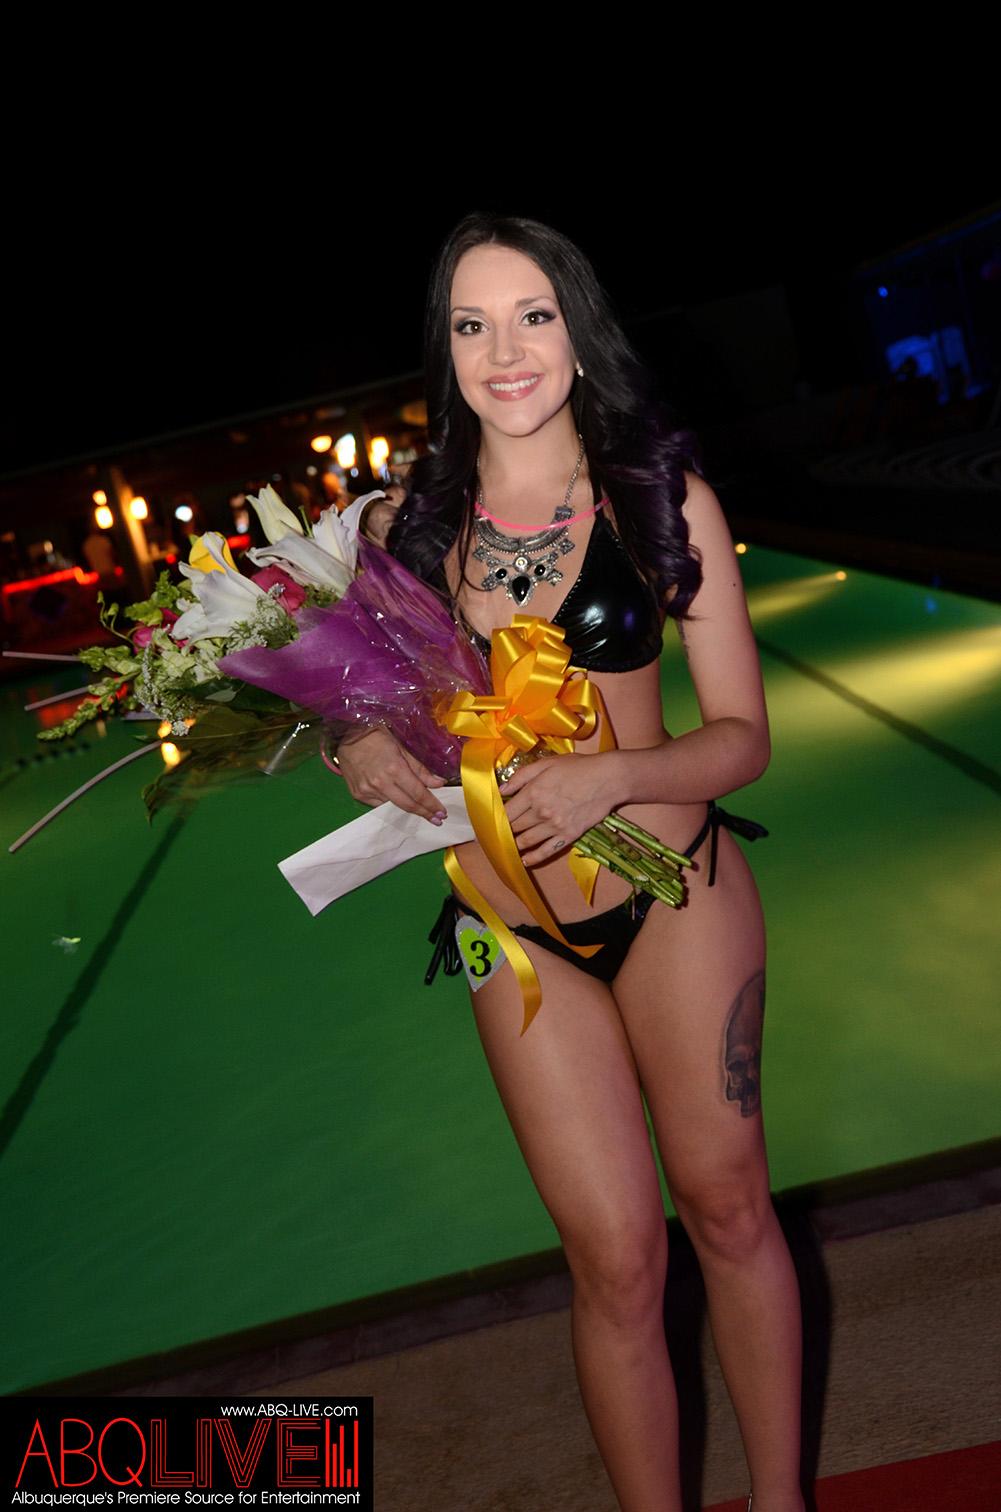 Club rio bikini contest